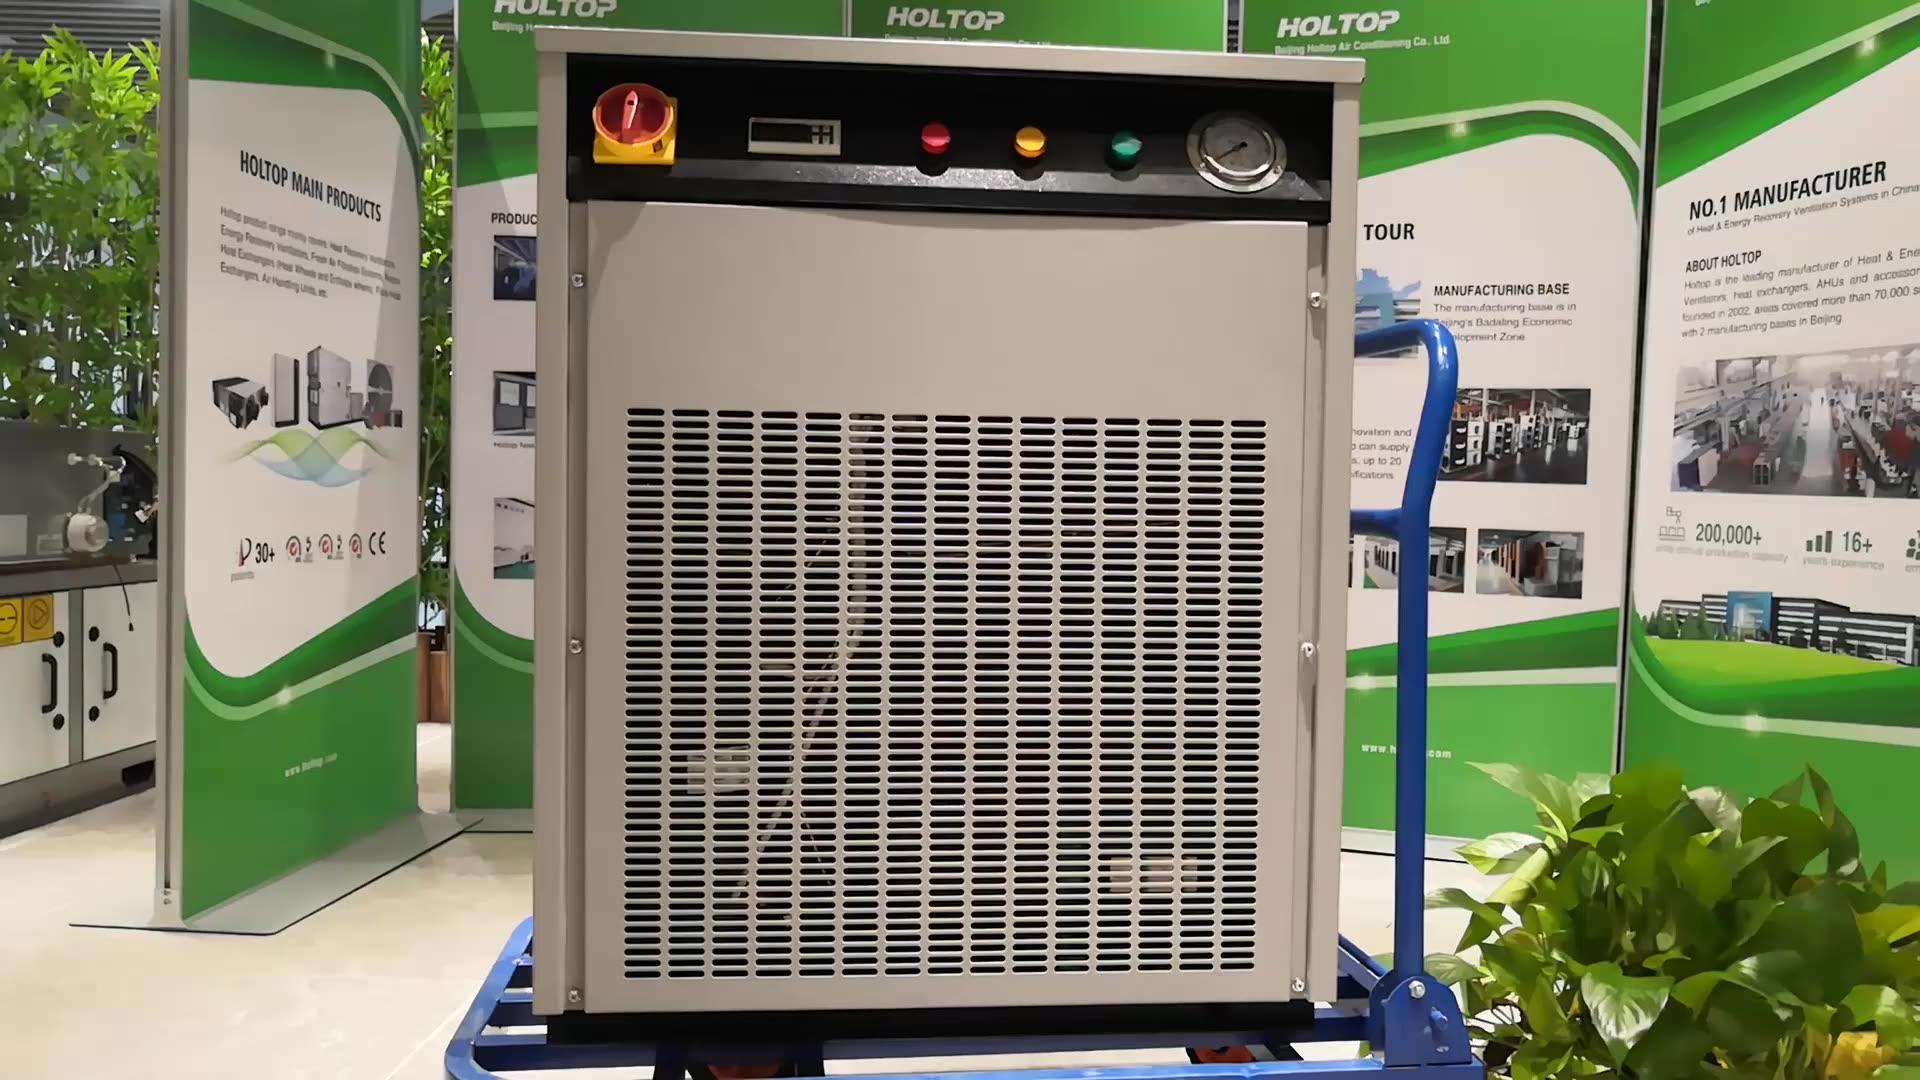 Paddestoel Boerderij Luchtgekoelde Condensor Airconditioner